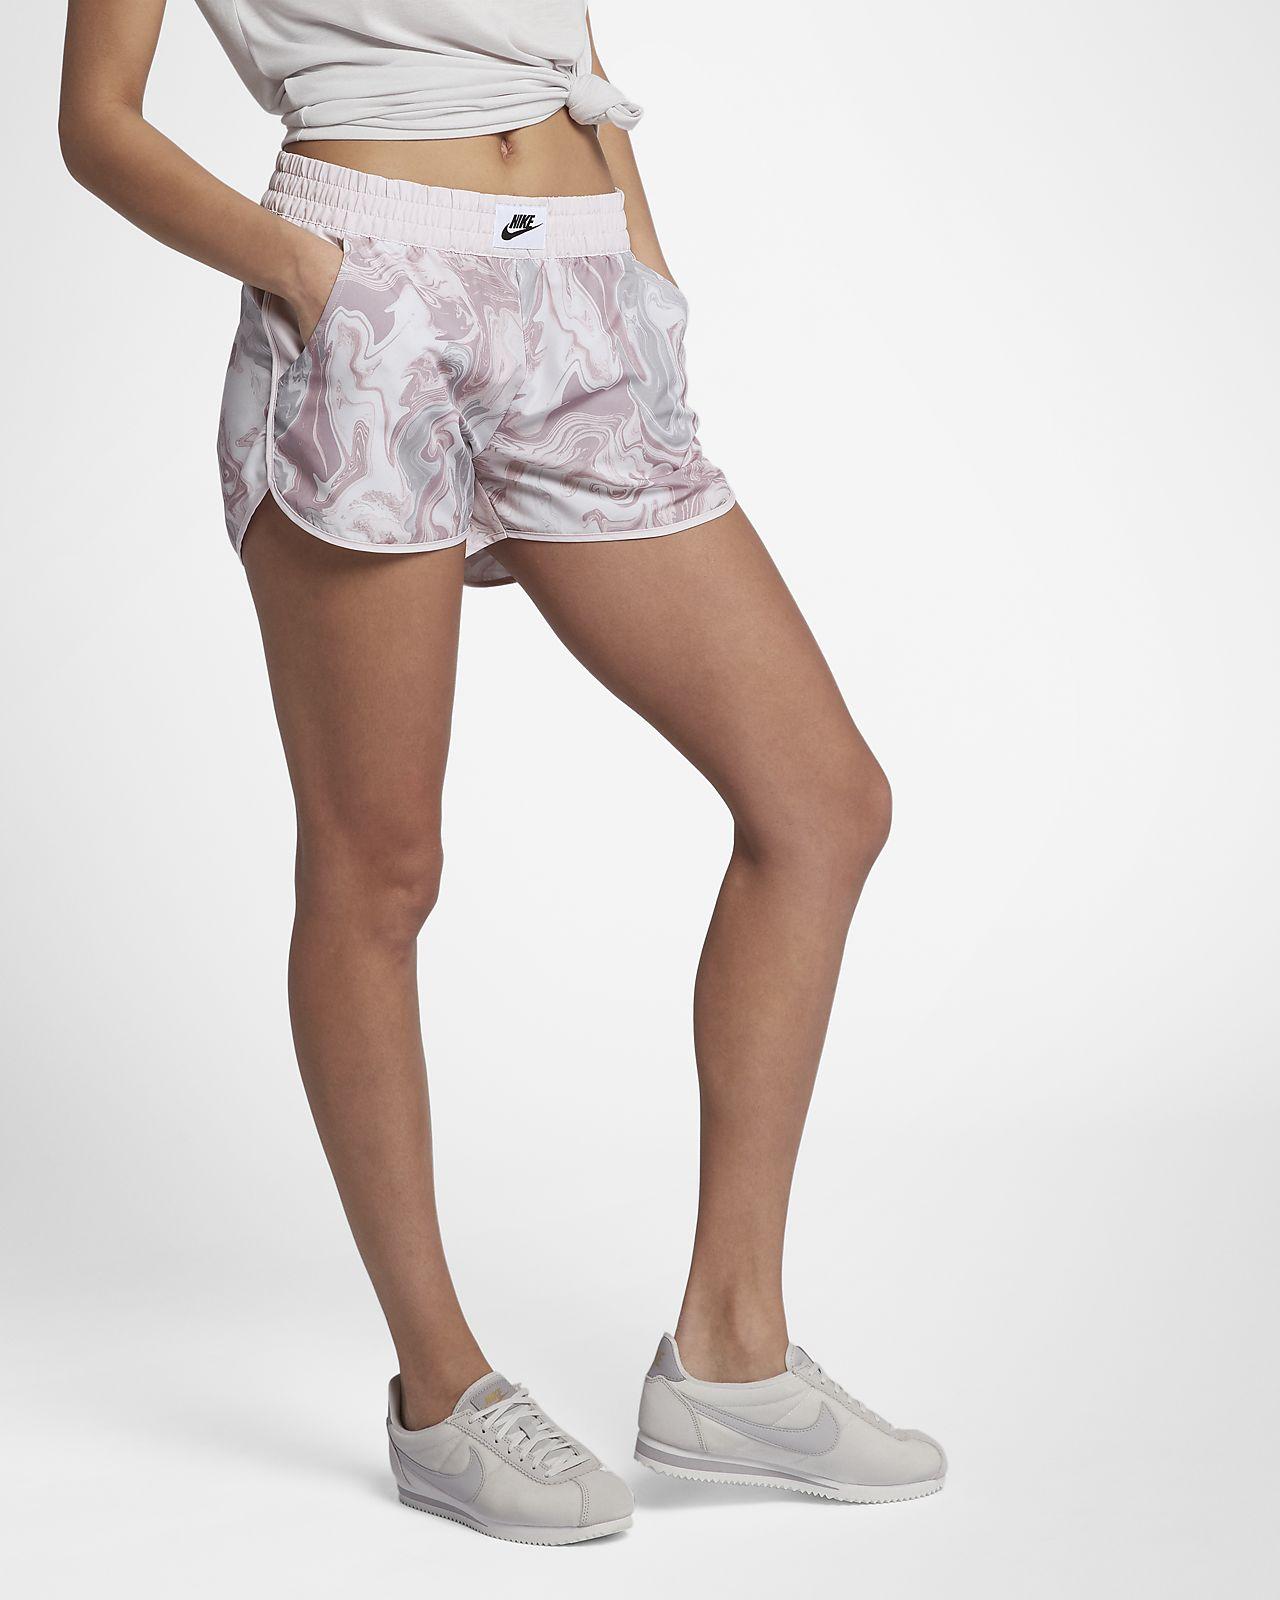 Femme Imprimé Sportswear Nike Tissé Pour Short Ma qX5Uzwn7